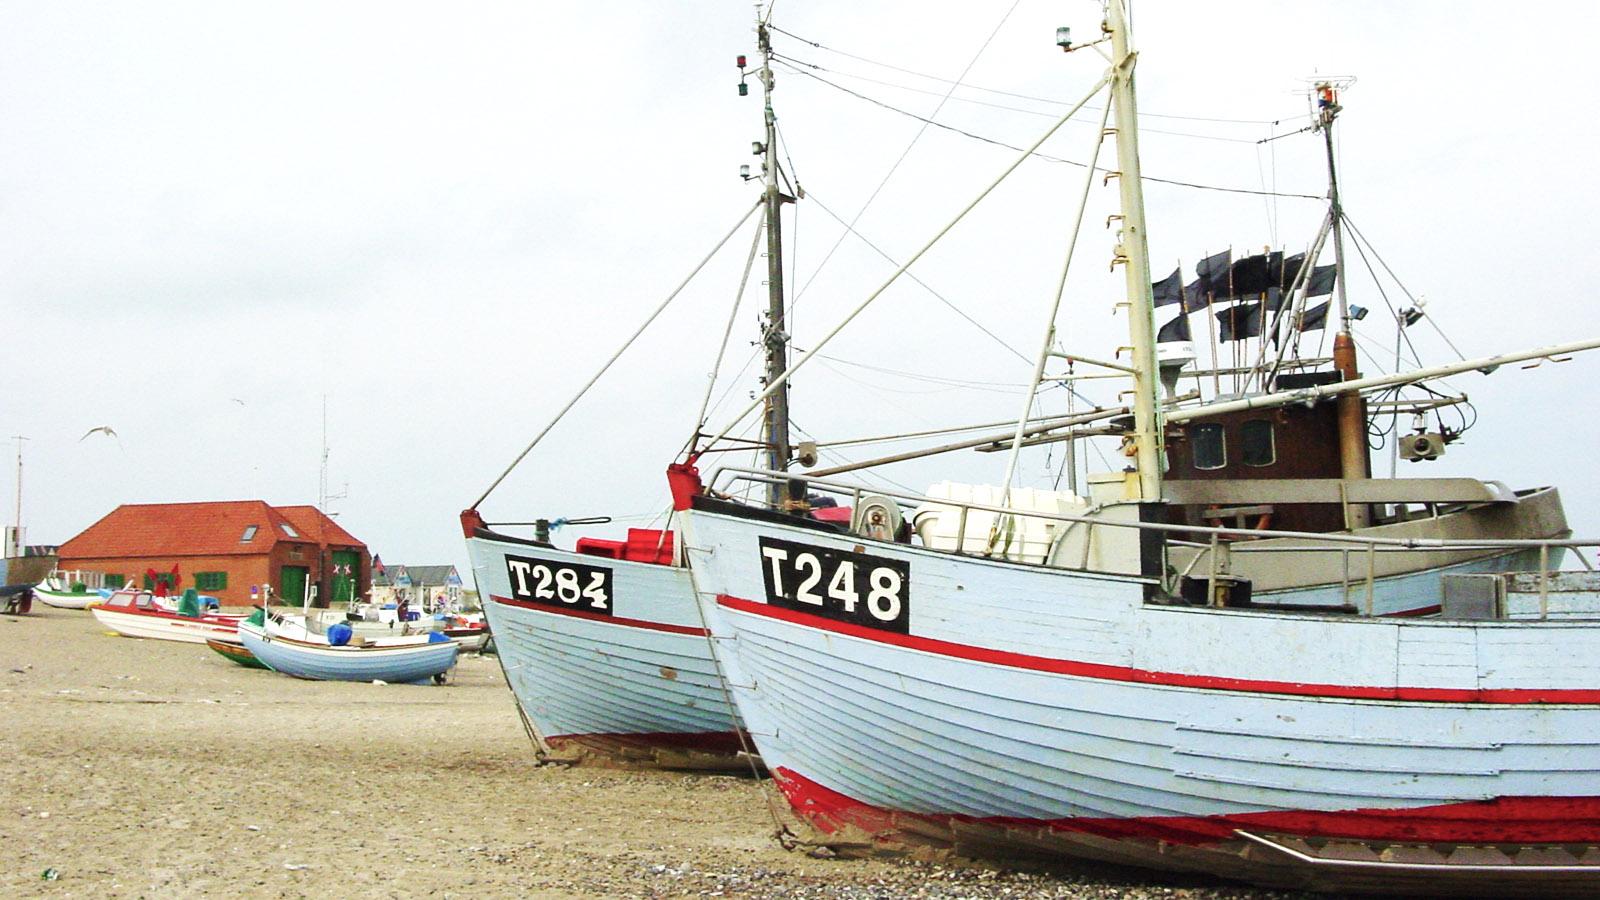 Die Strandfischer von Norrepør - ein beliebtes Ziel für Radtouren auf Thy. Foto: Hilke Maunder